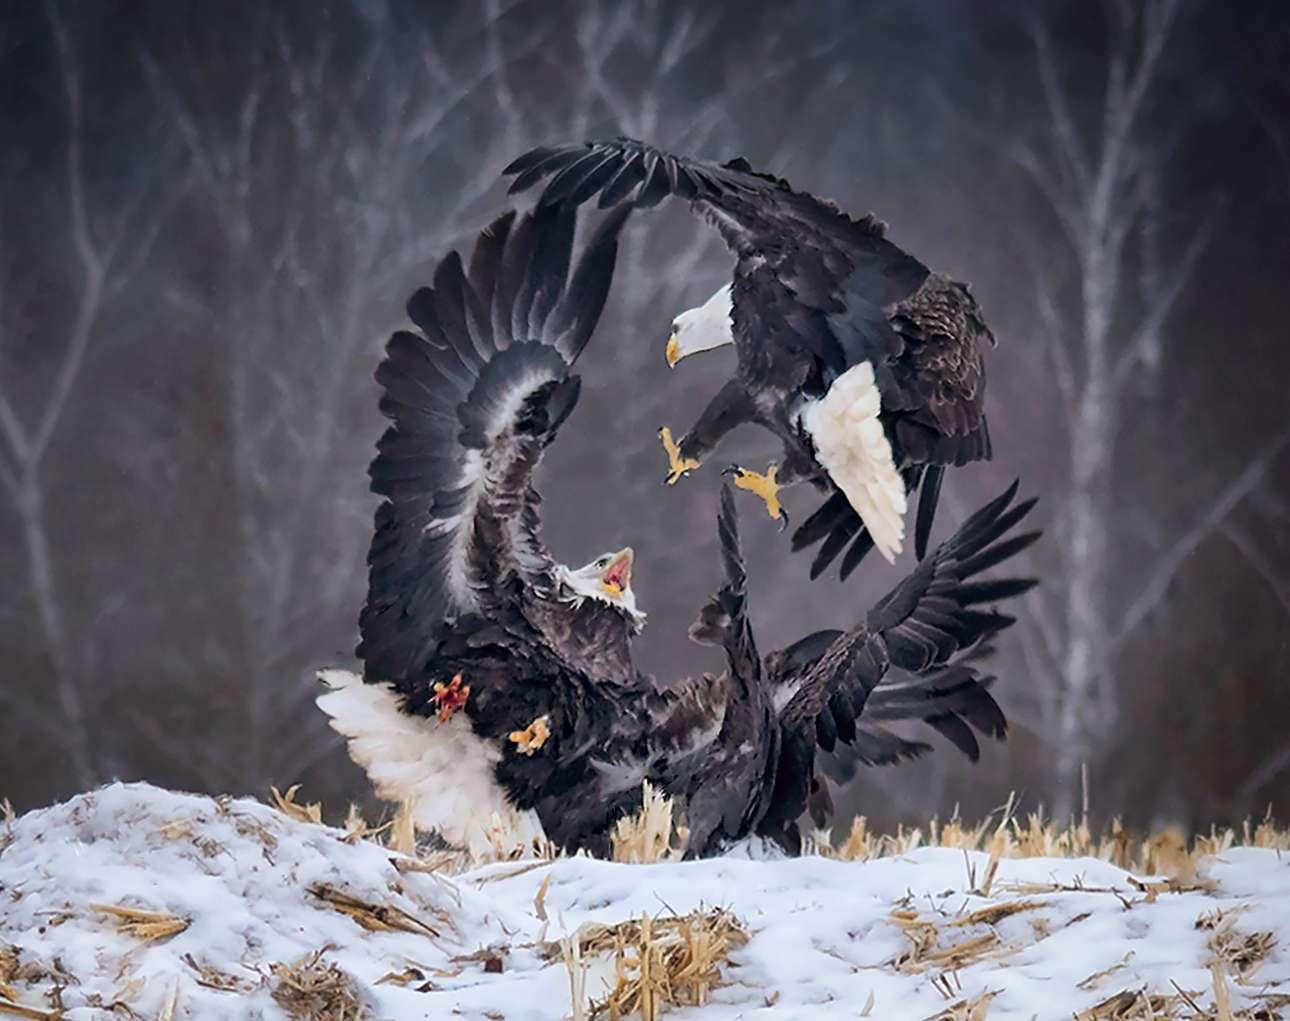 «Ο Κύκλος της Δύναμης». Τρεις αετοί σχηματίζουν έναν κύκλο καθώς μαλώνουν για το γεύμα τους στο Σέφιλντ Μιλς του Καναδά - το ιδανικό μέρος για παρατηρητές πουλιών